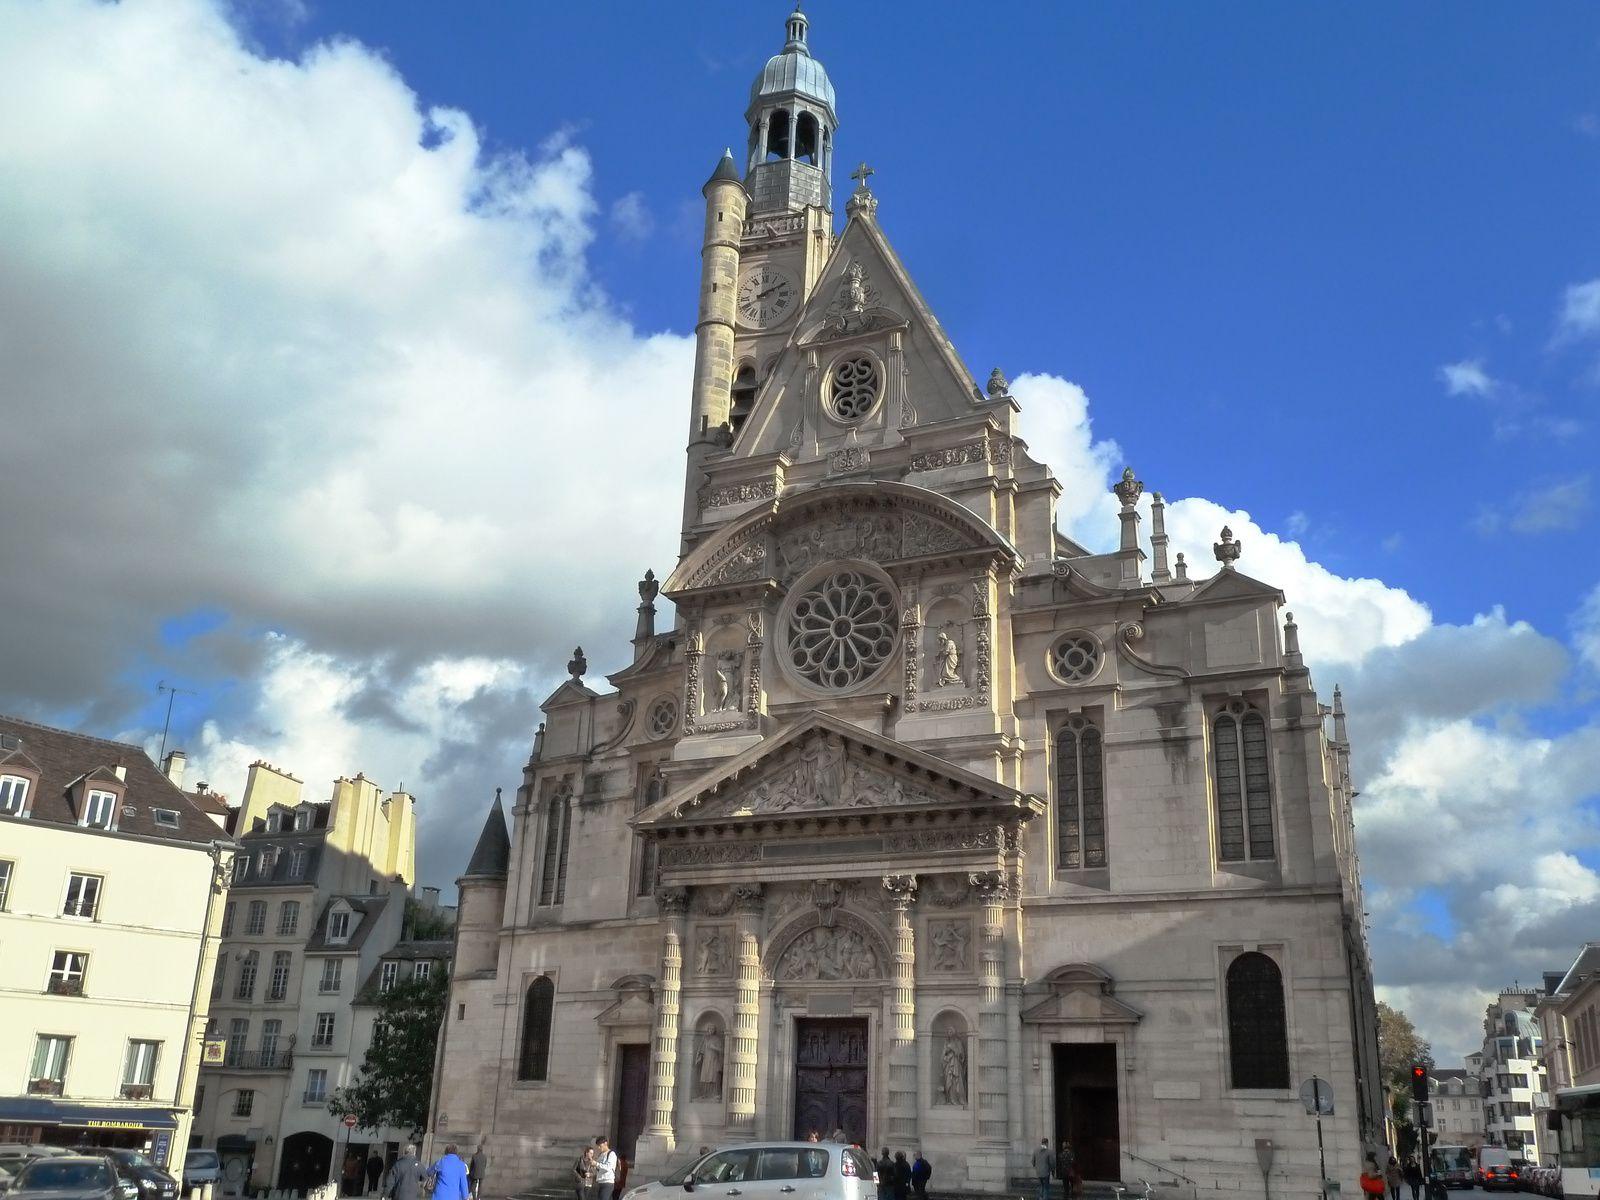 Eglise Saint-Etienne-du-Mont sur la montagne Sainte-Geneviève.